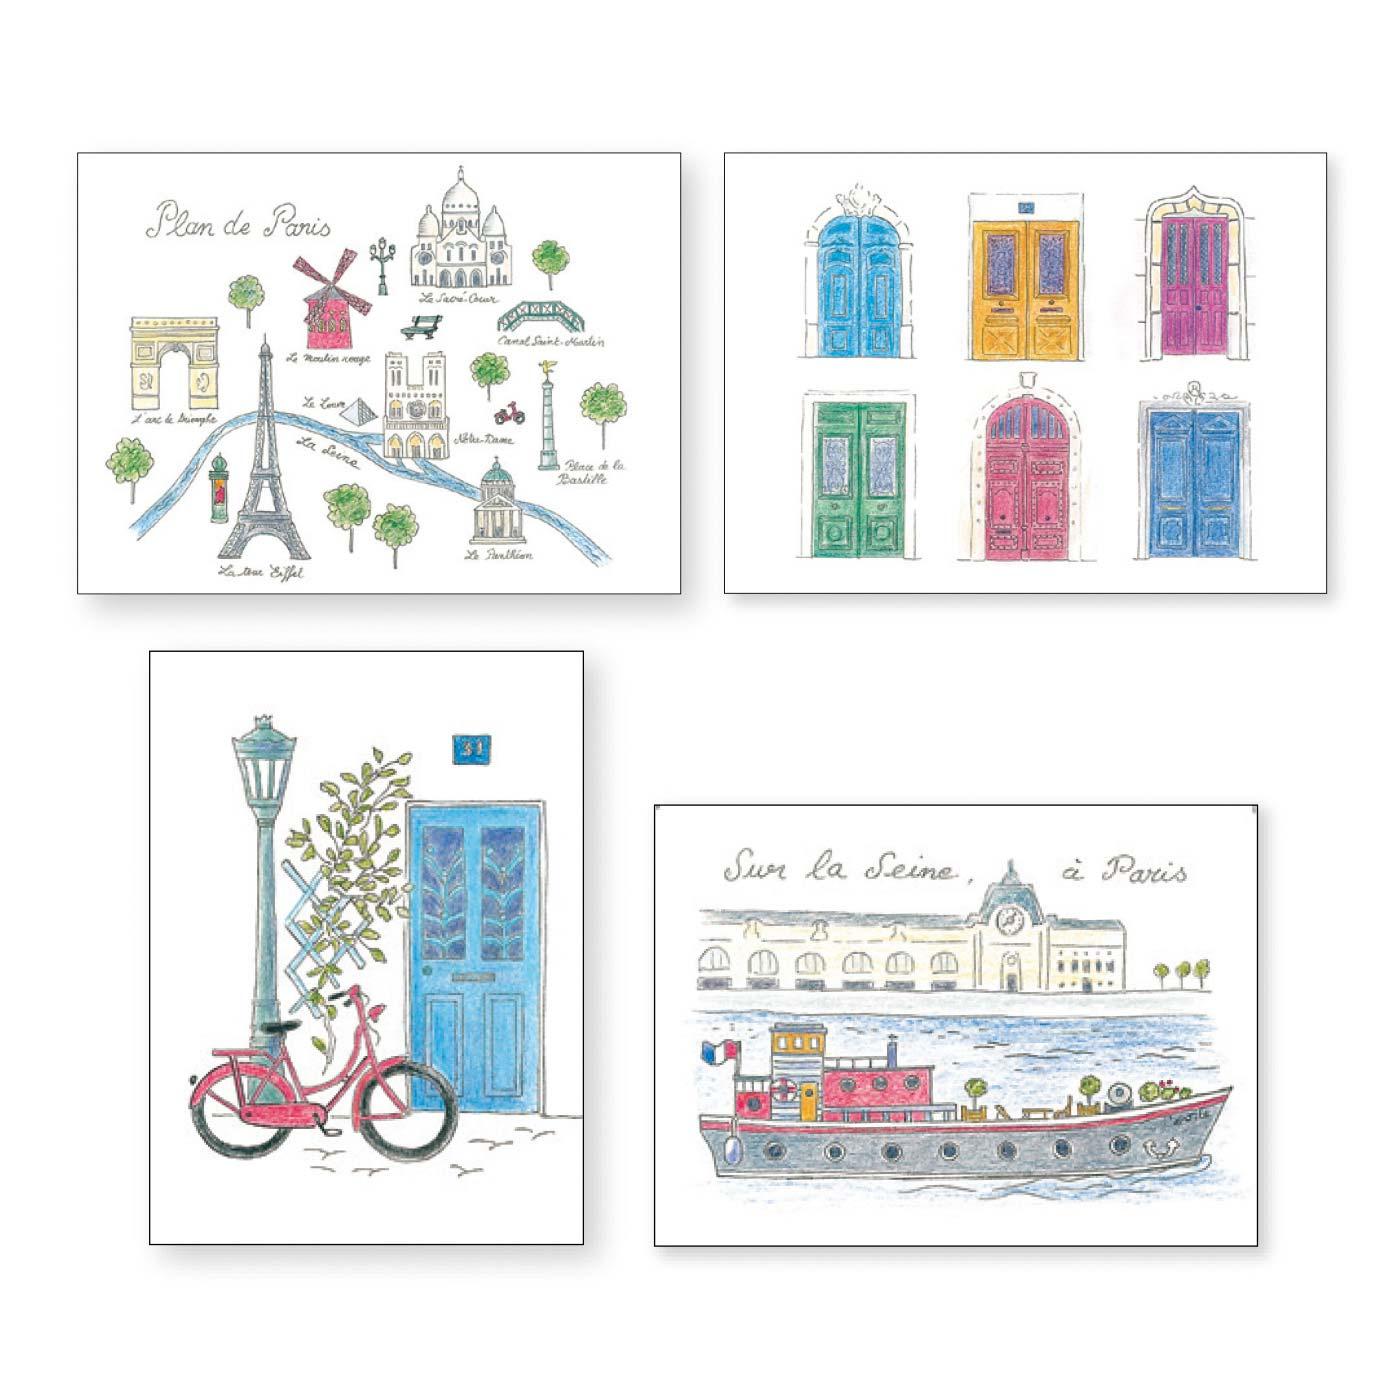 Promenade a Paris:パリの散歩道 こちらはアンヌさんによる着色のお手本です。